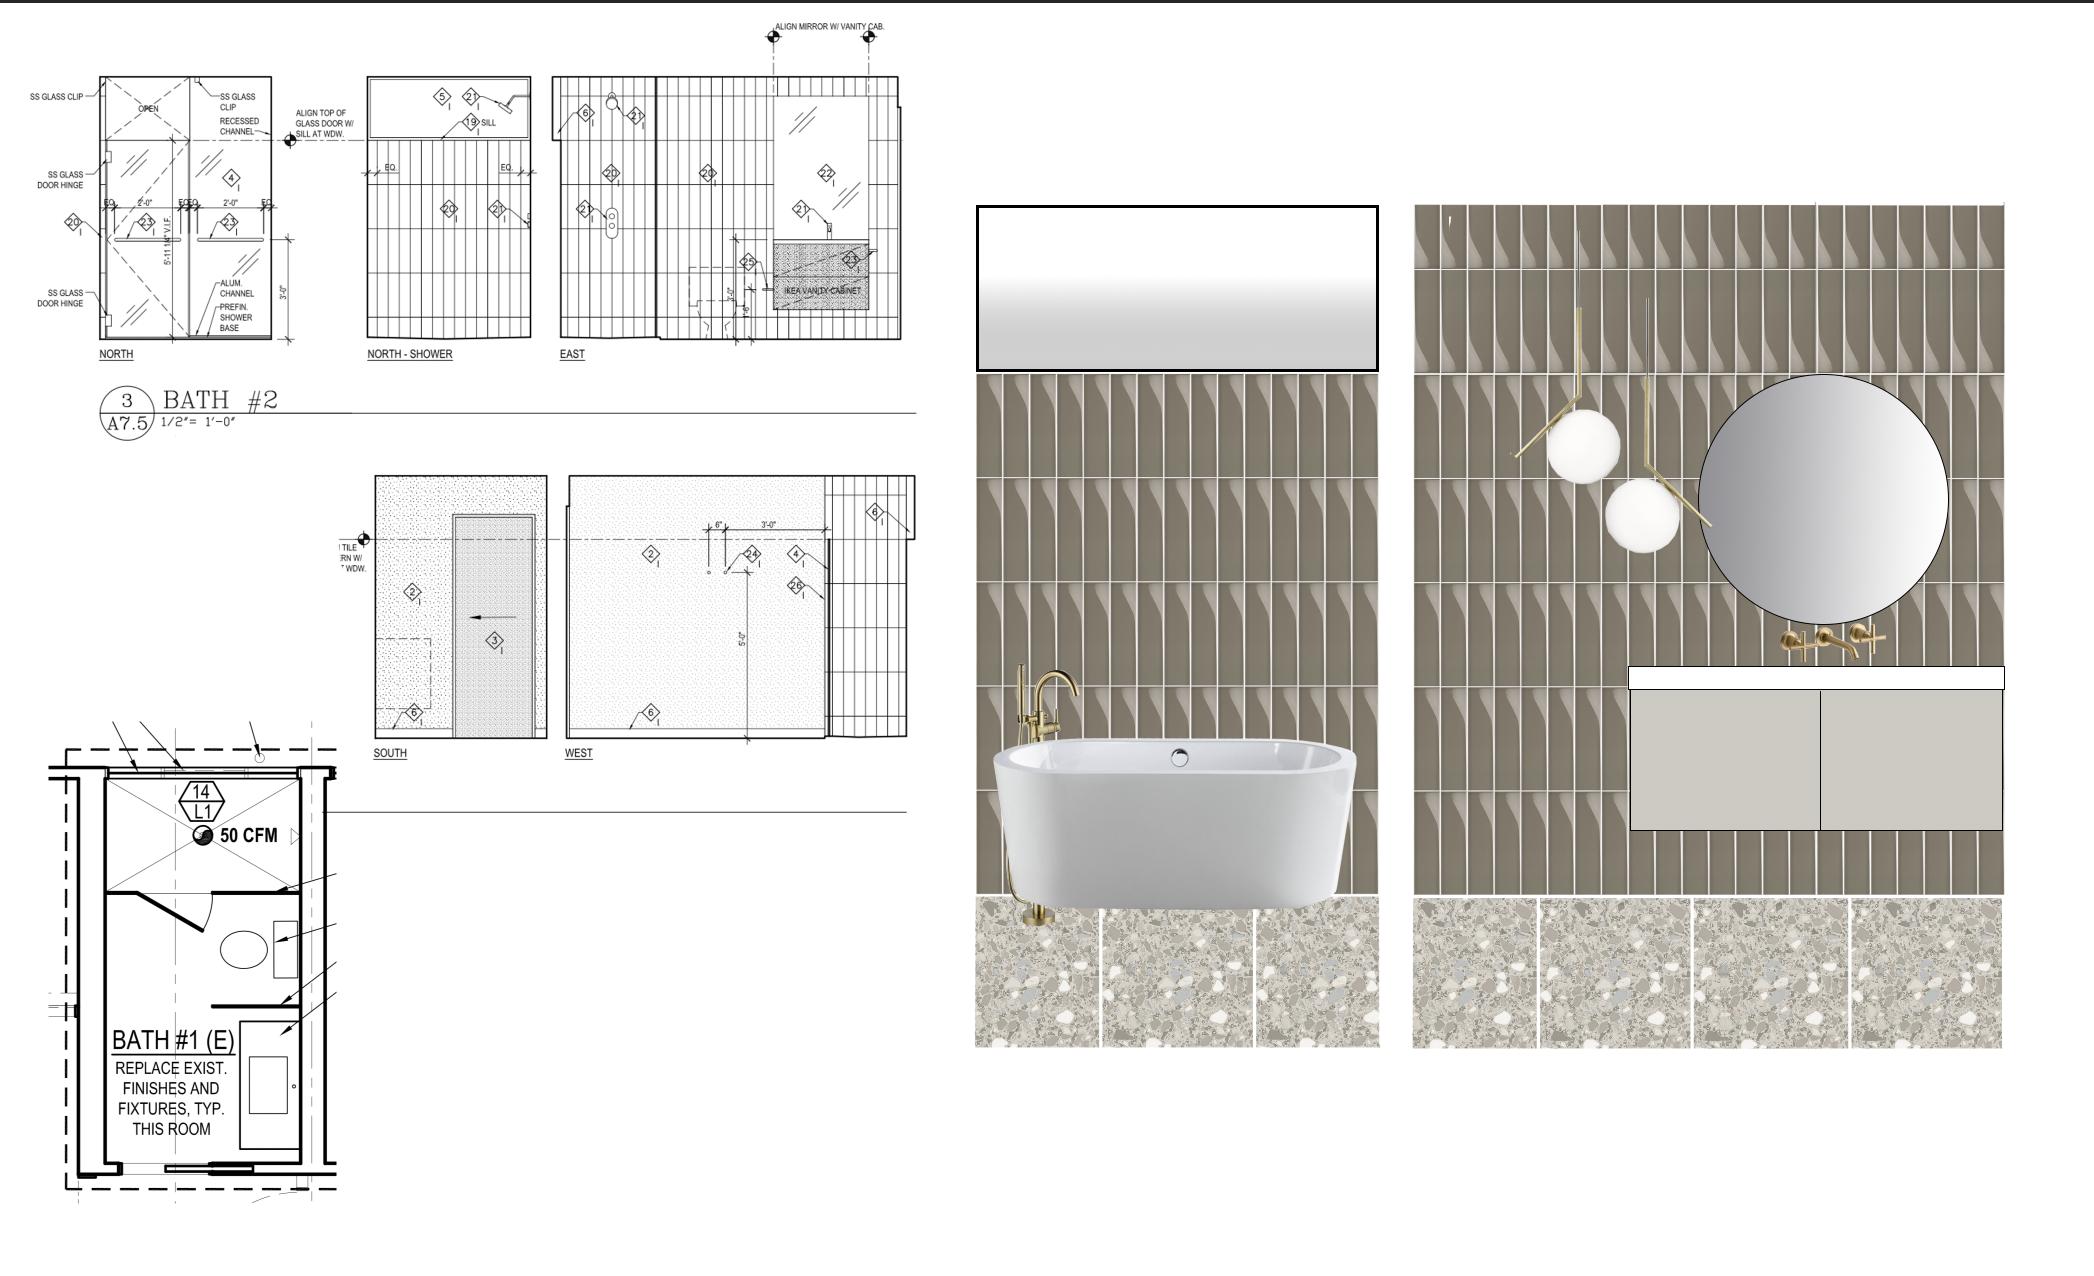 floor plans by David Coleman